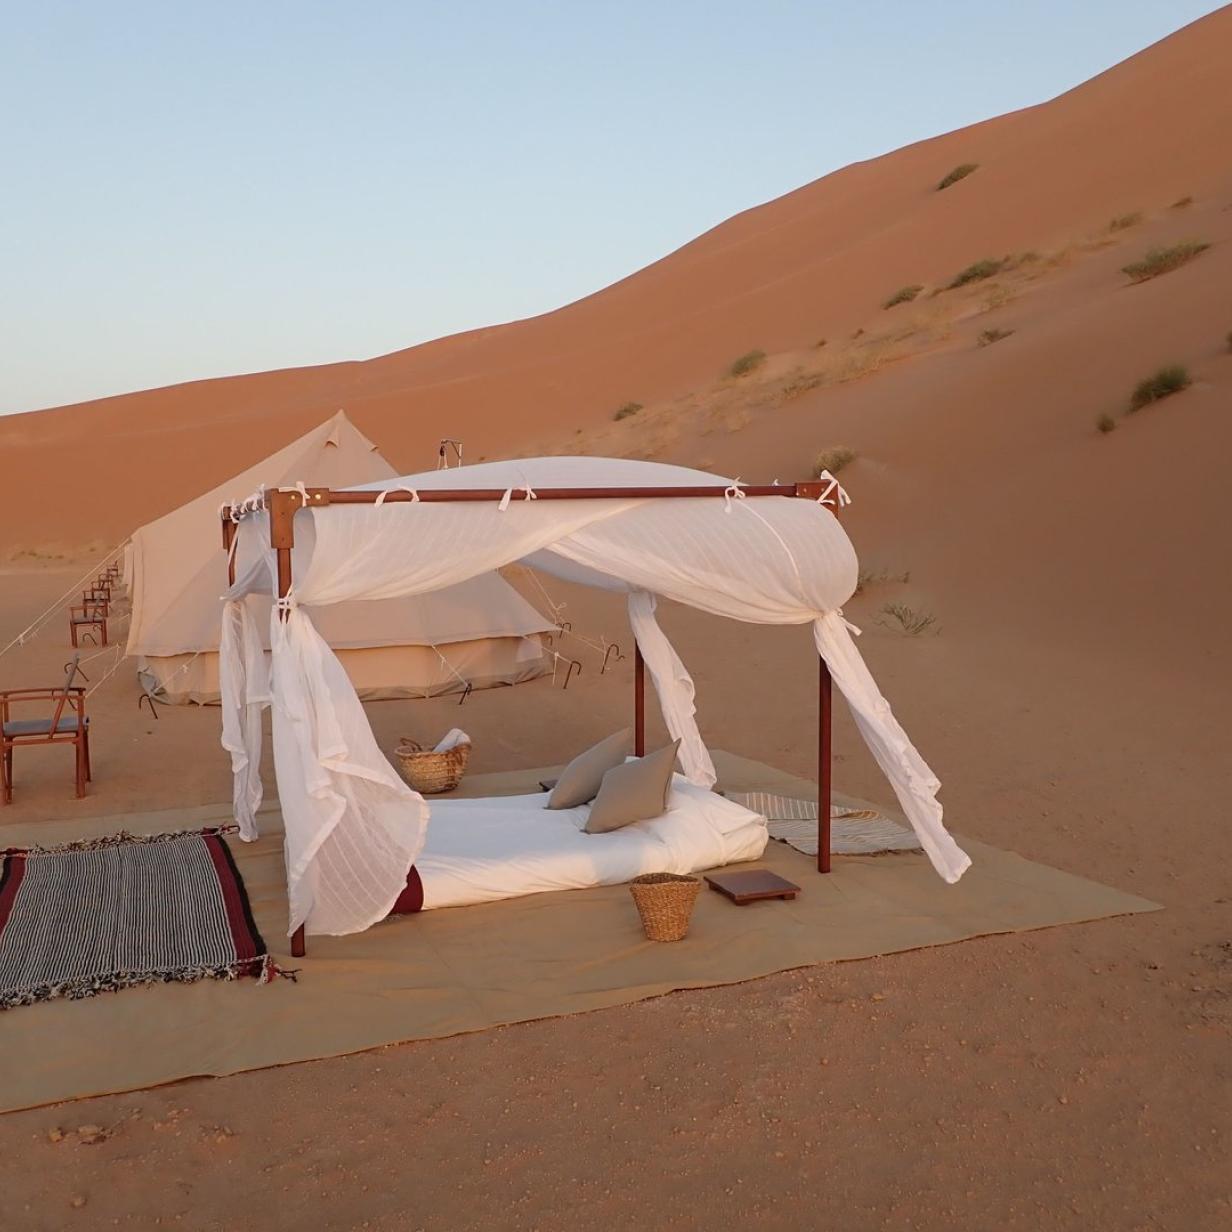 Ein Bad im Sand: Mit Luxuszelt in die Wüste des Oman